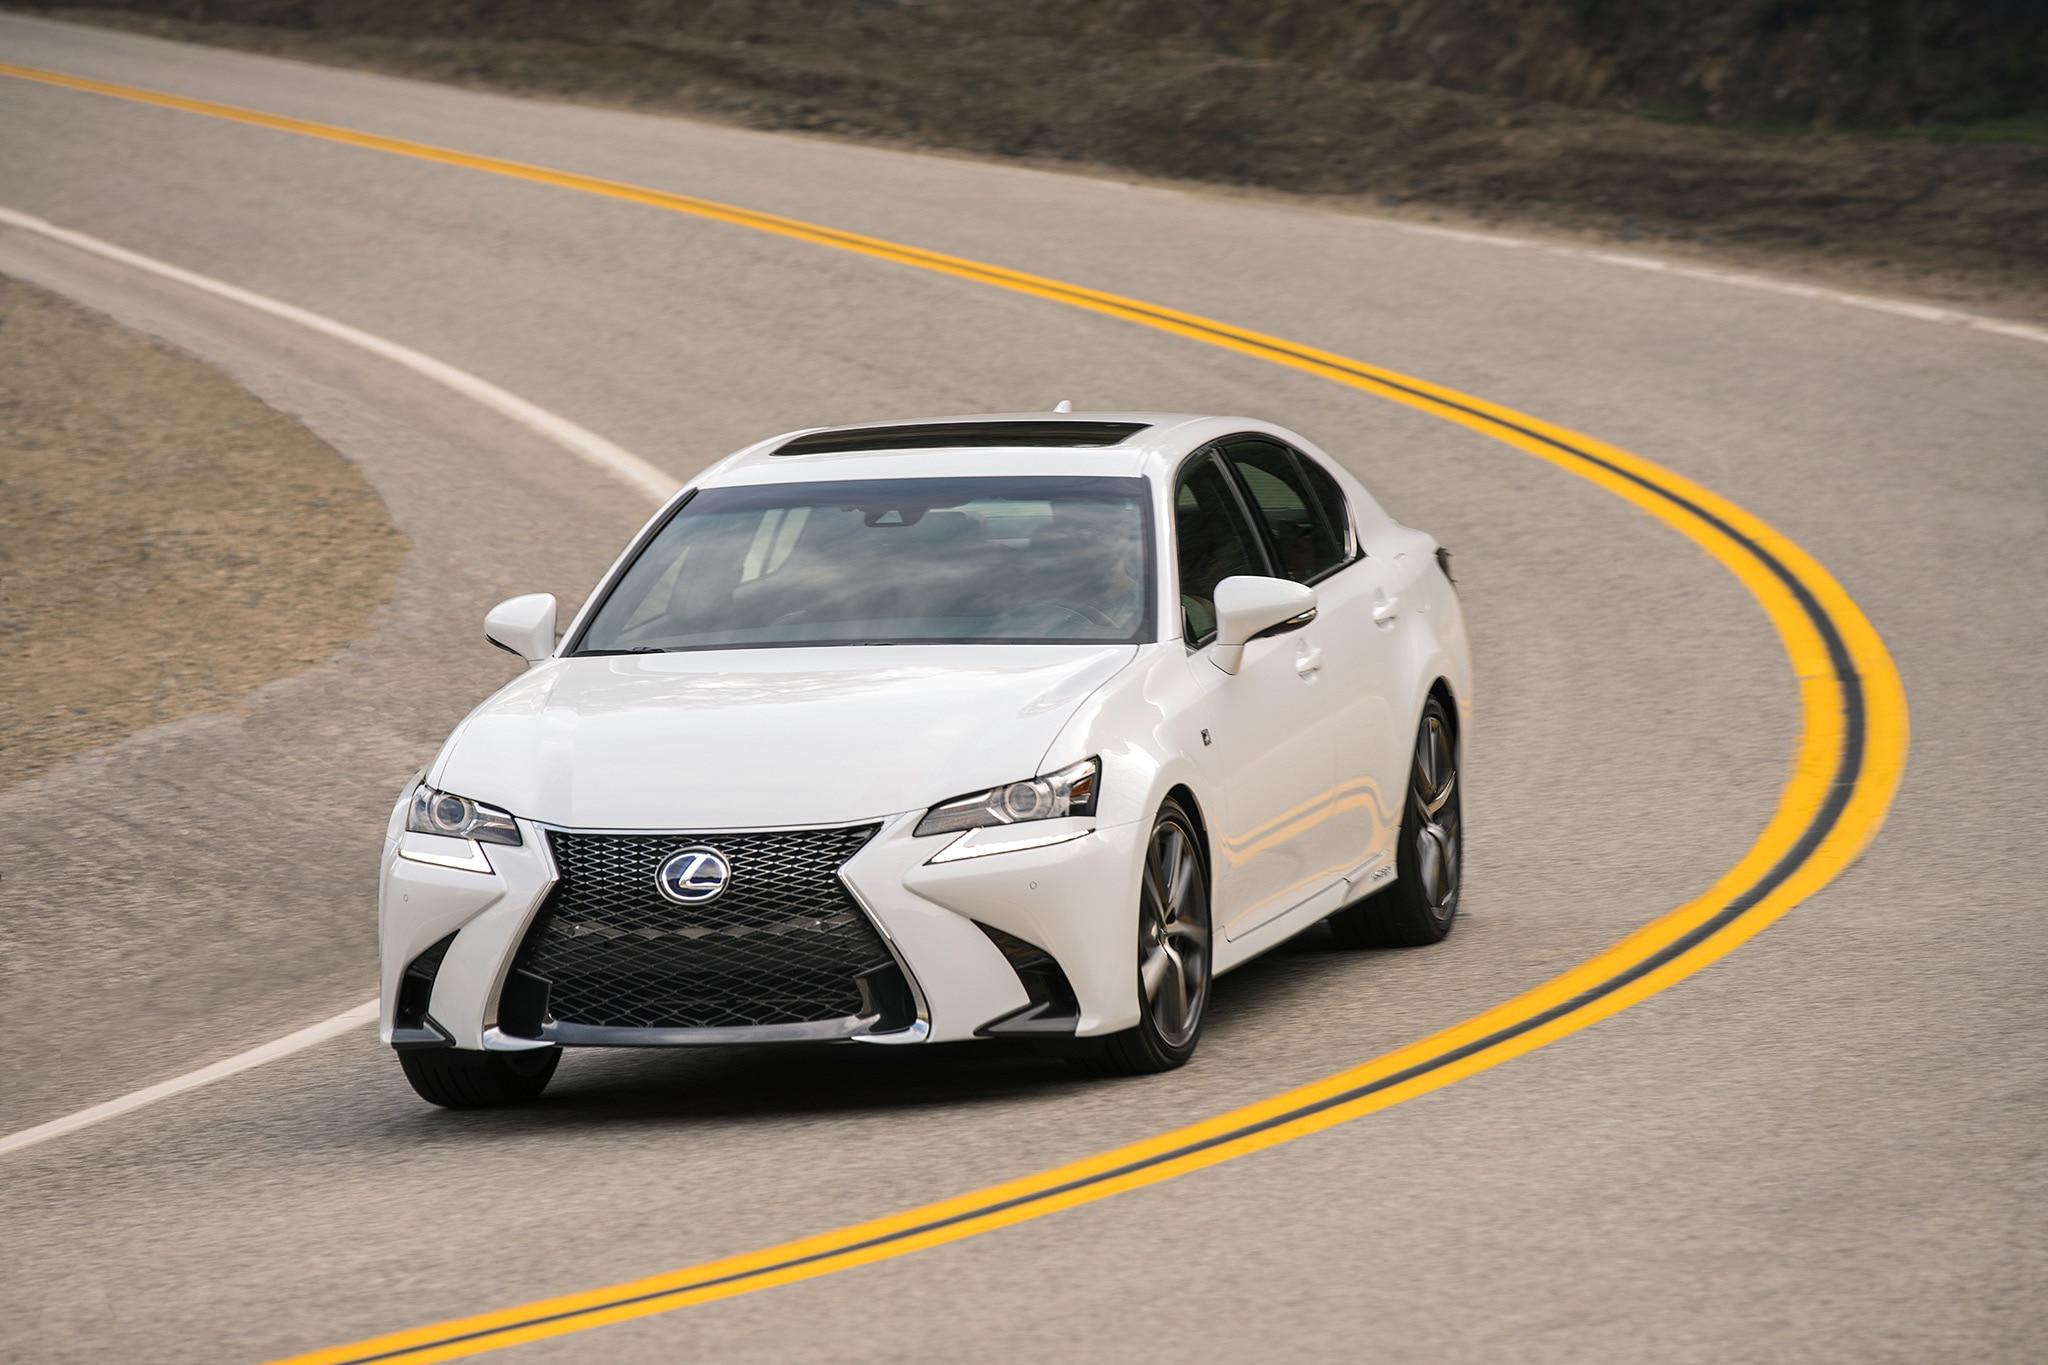 2018 Lexus Gs 450h Quick Take Review Automobile Magazine